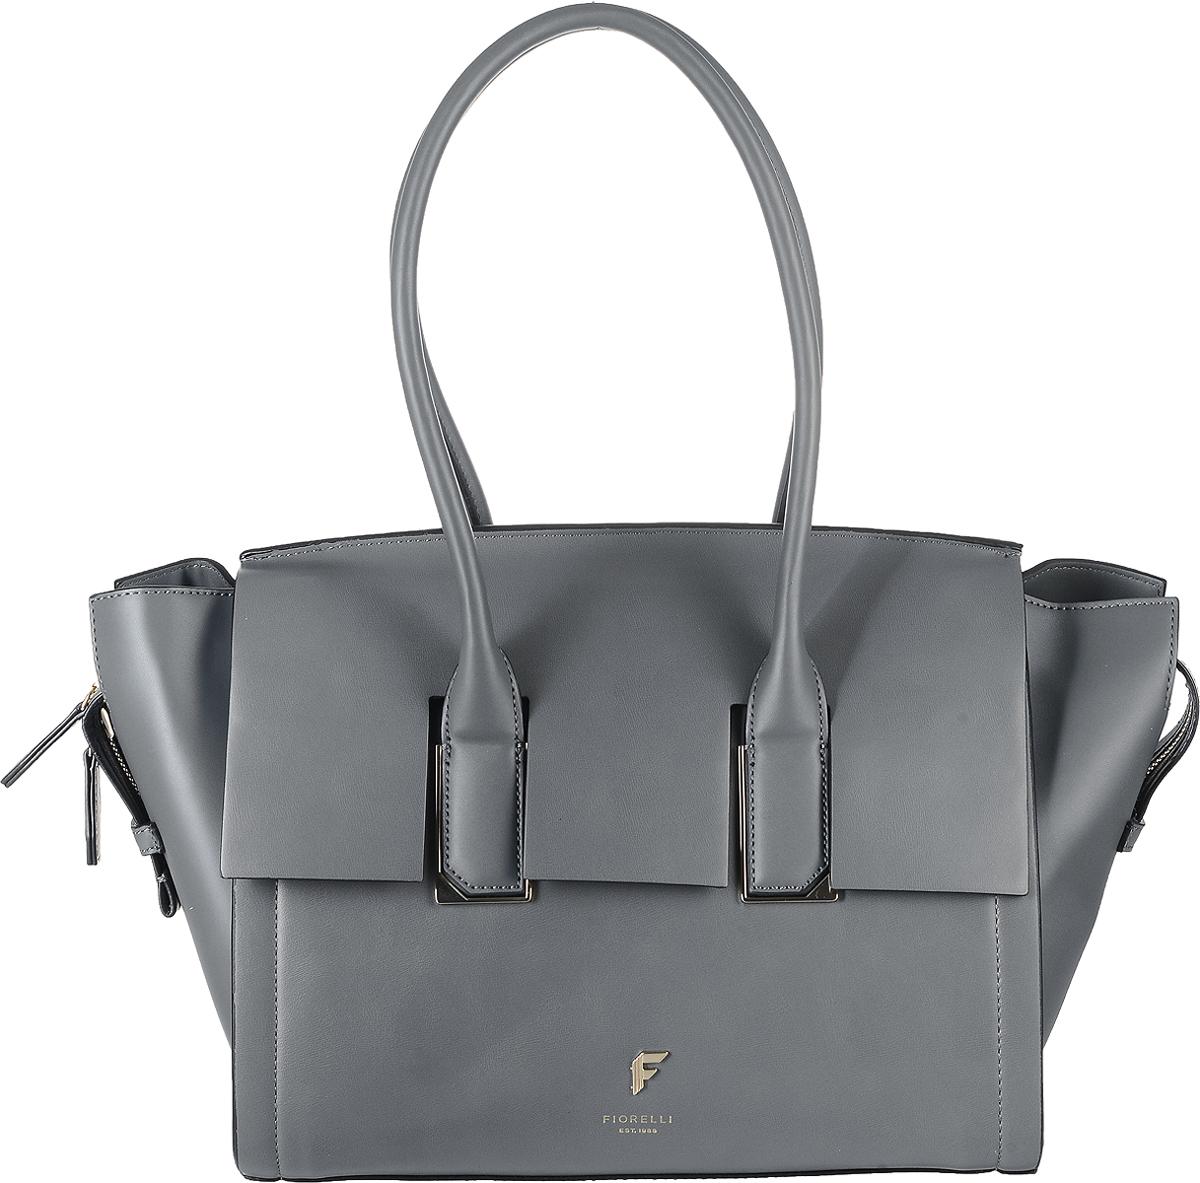 Сумка женская Fiorelli, цвет: серый. 8501 FH 8501 FH City Grey